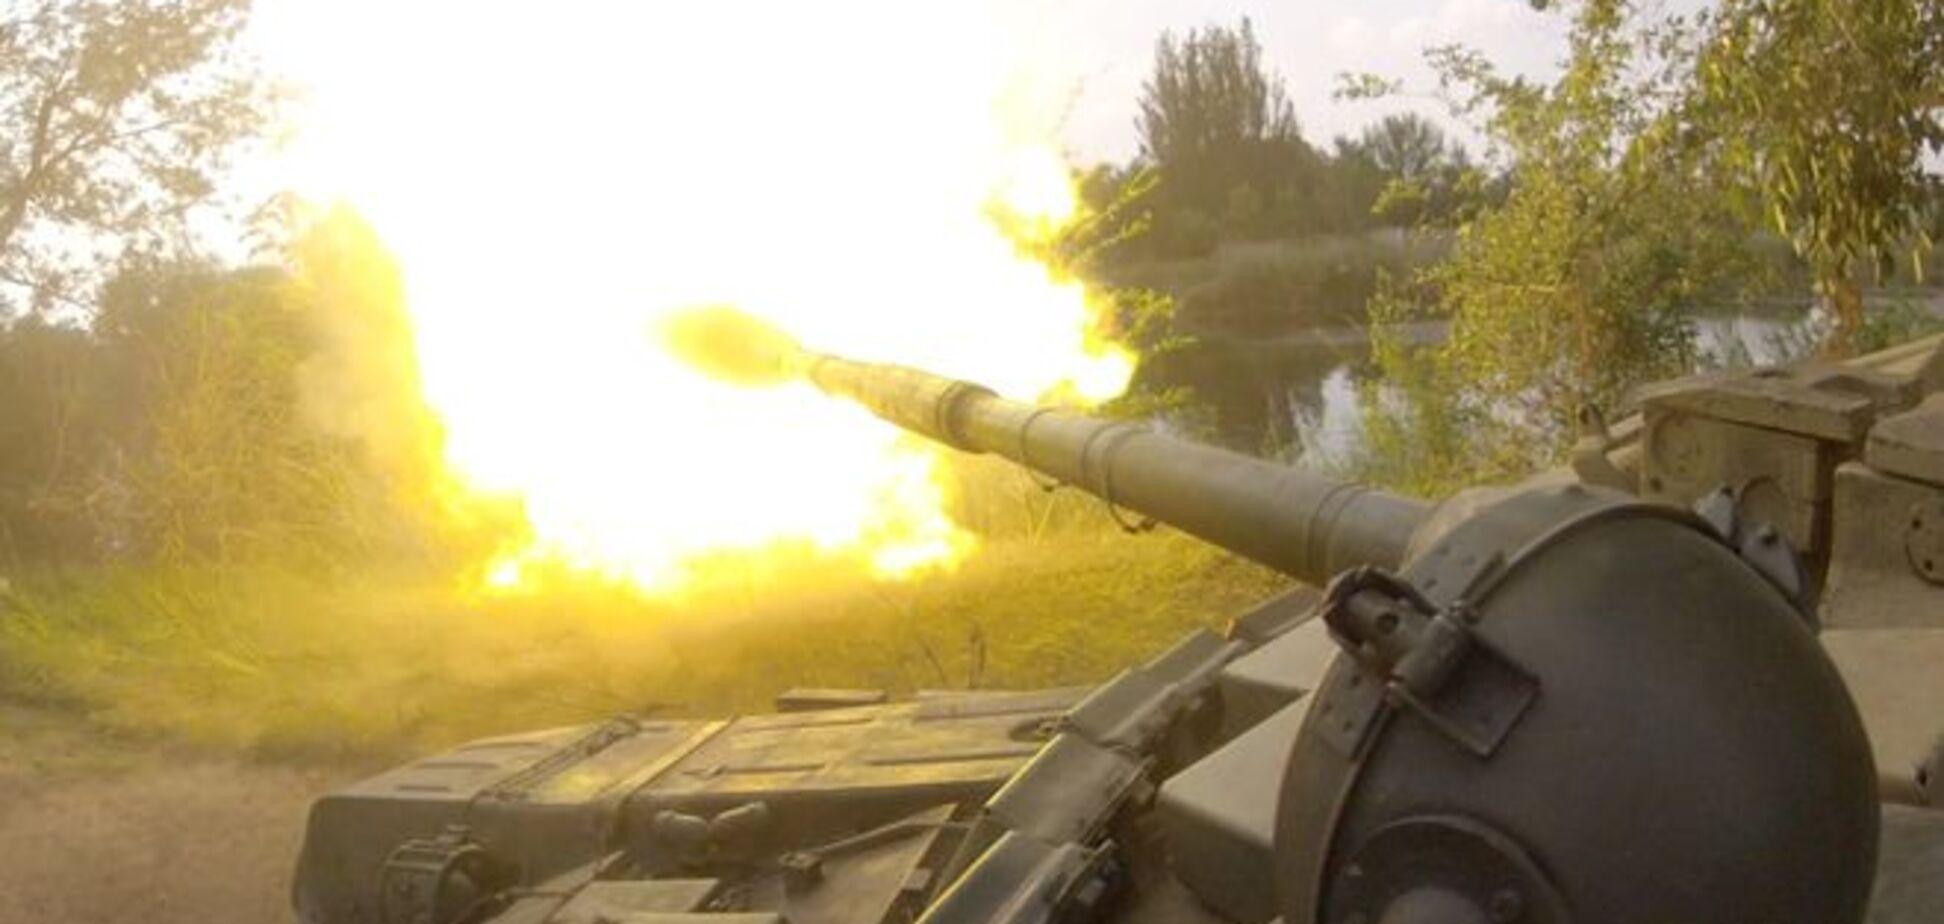 Захарченко отдал приказ о наступлении на Марьинку после встречи с российским генералом - Тымчук